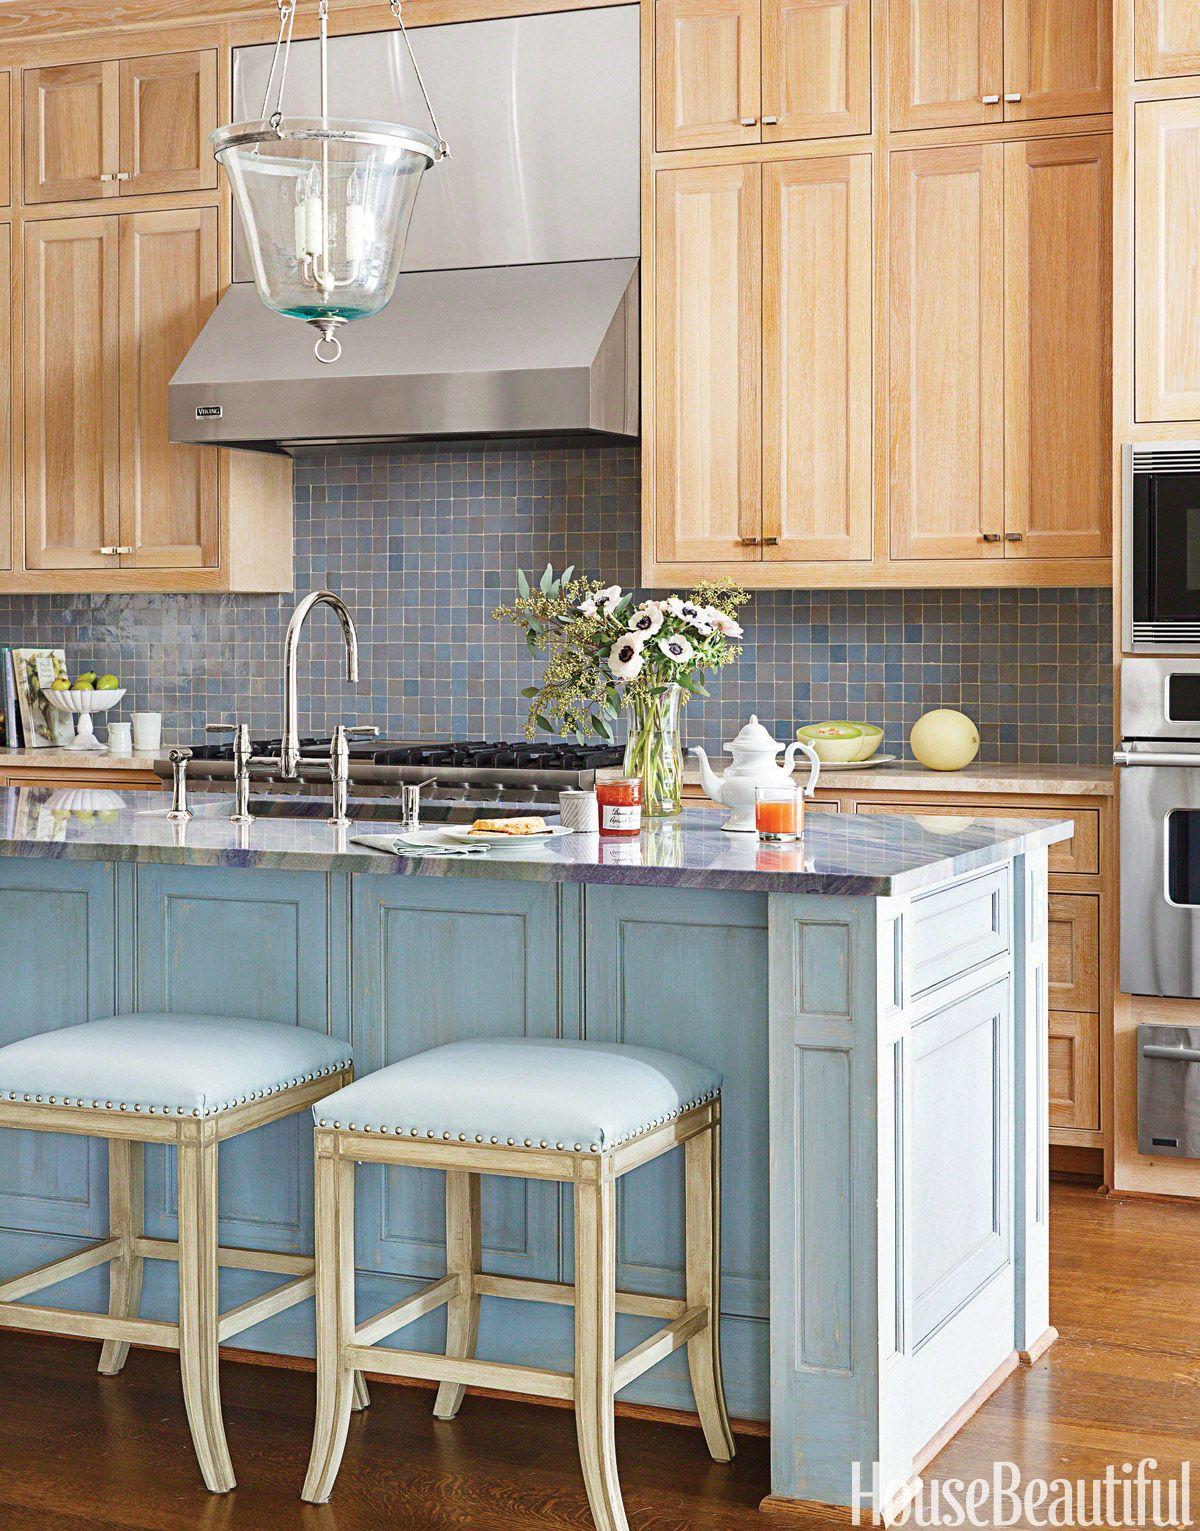 Schon Küche Backsplash Fliesen Dies Ist Die Neueste Informationen Auf Die Küche .